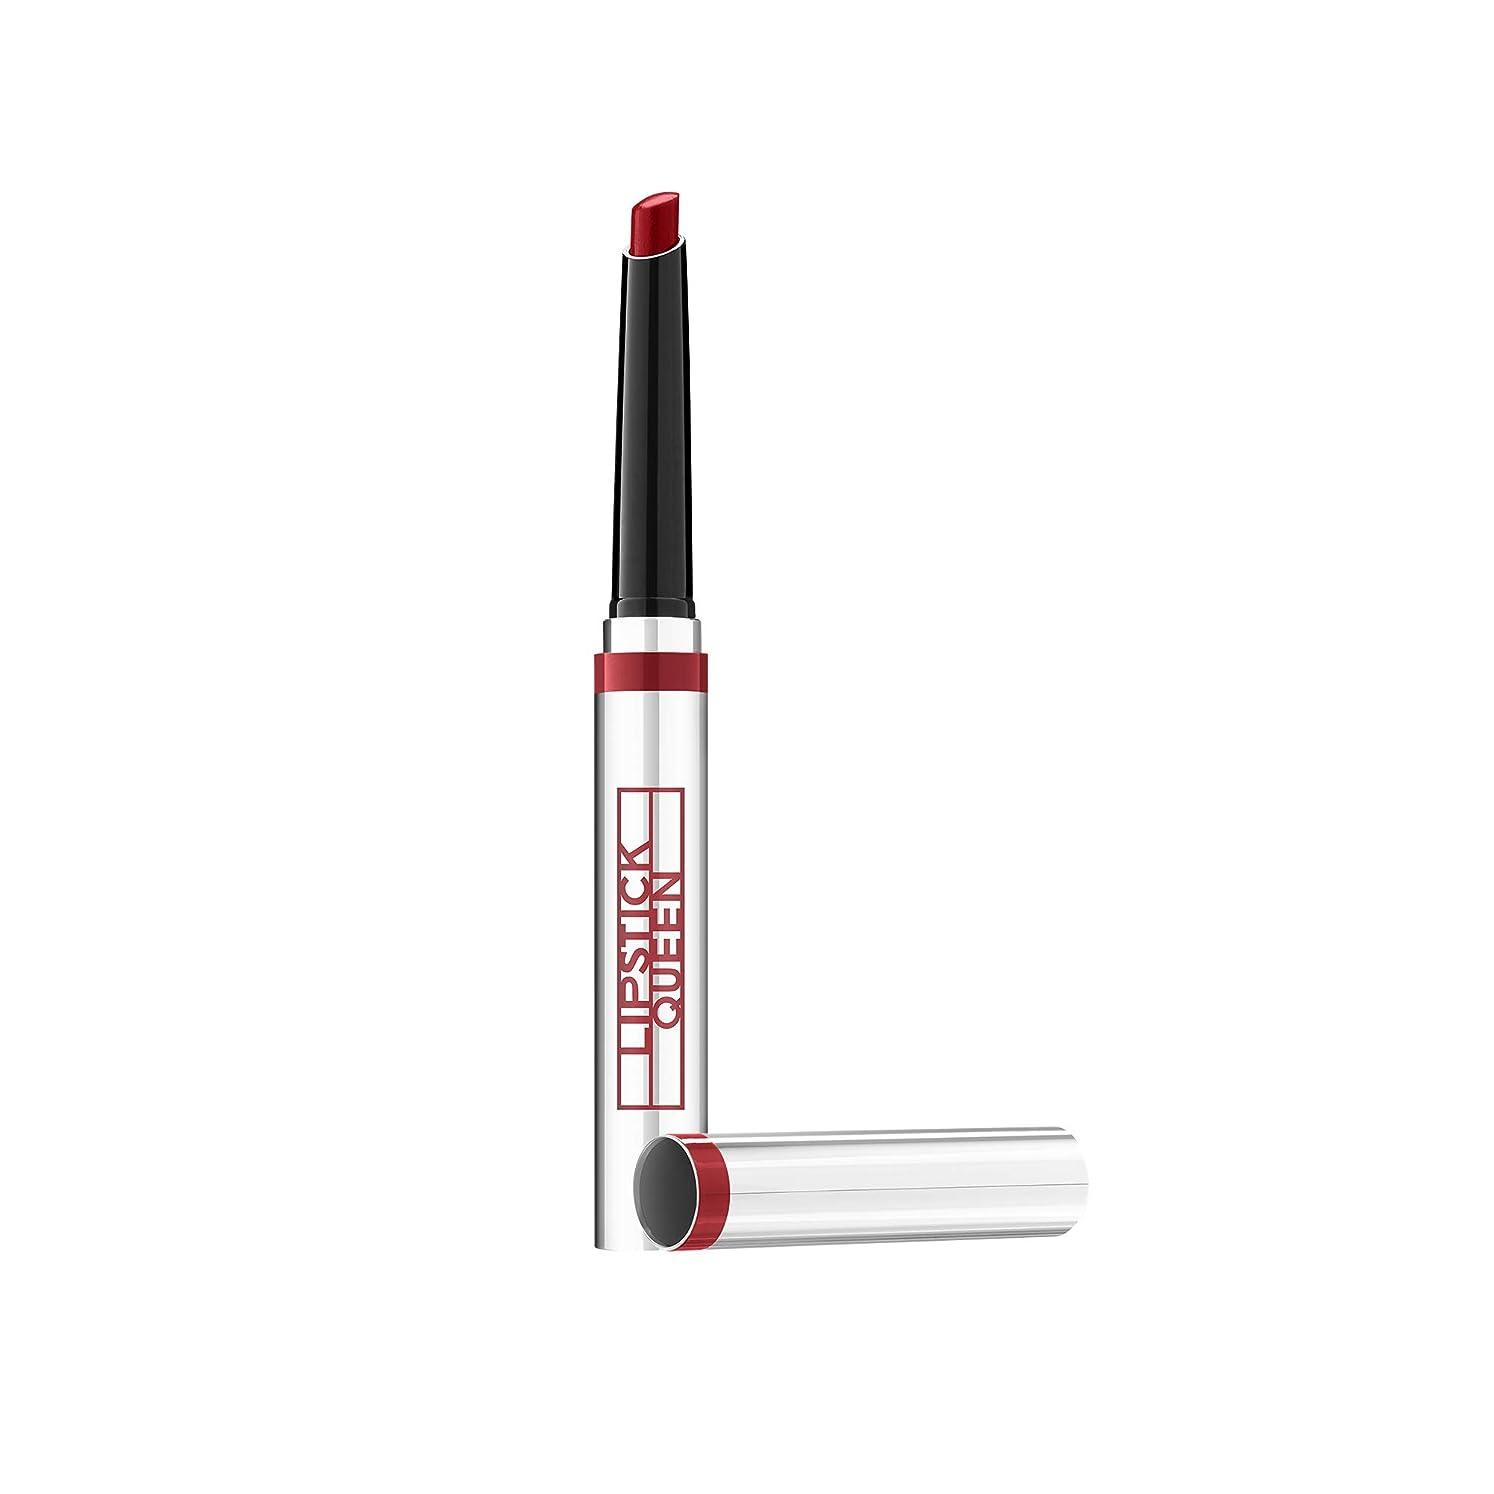 マガジンアパル皮リップスティック クィーン Rear View Mirror Lip Lacquer - # Little Red Convertible (A Classic True Red) 1.3g/0.04oz並行輸入品